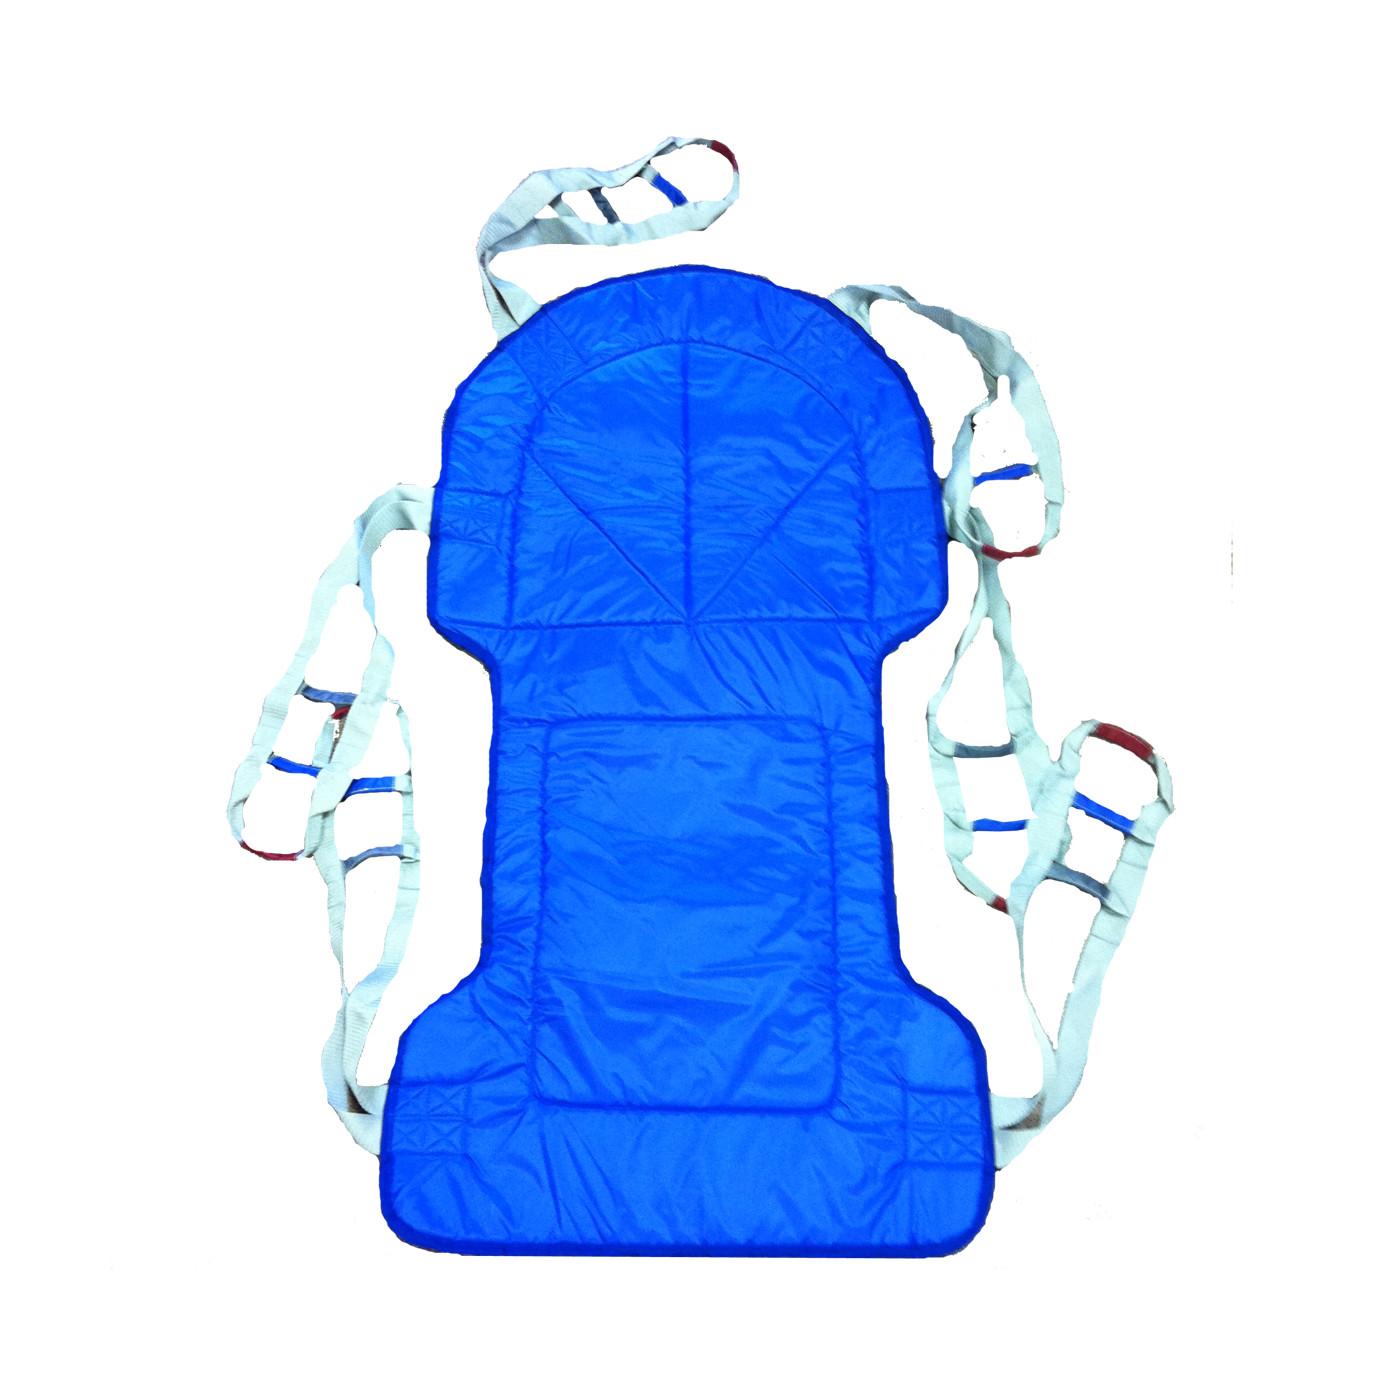 Medline Full Body Sling  Fabric  Full Body Slings